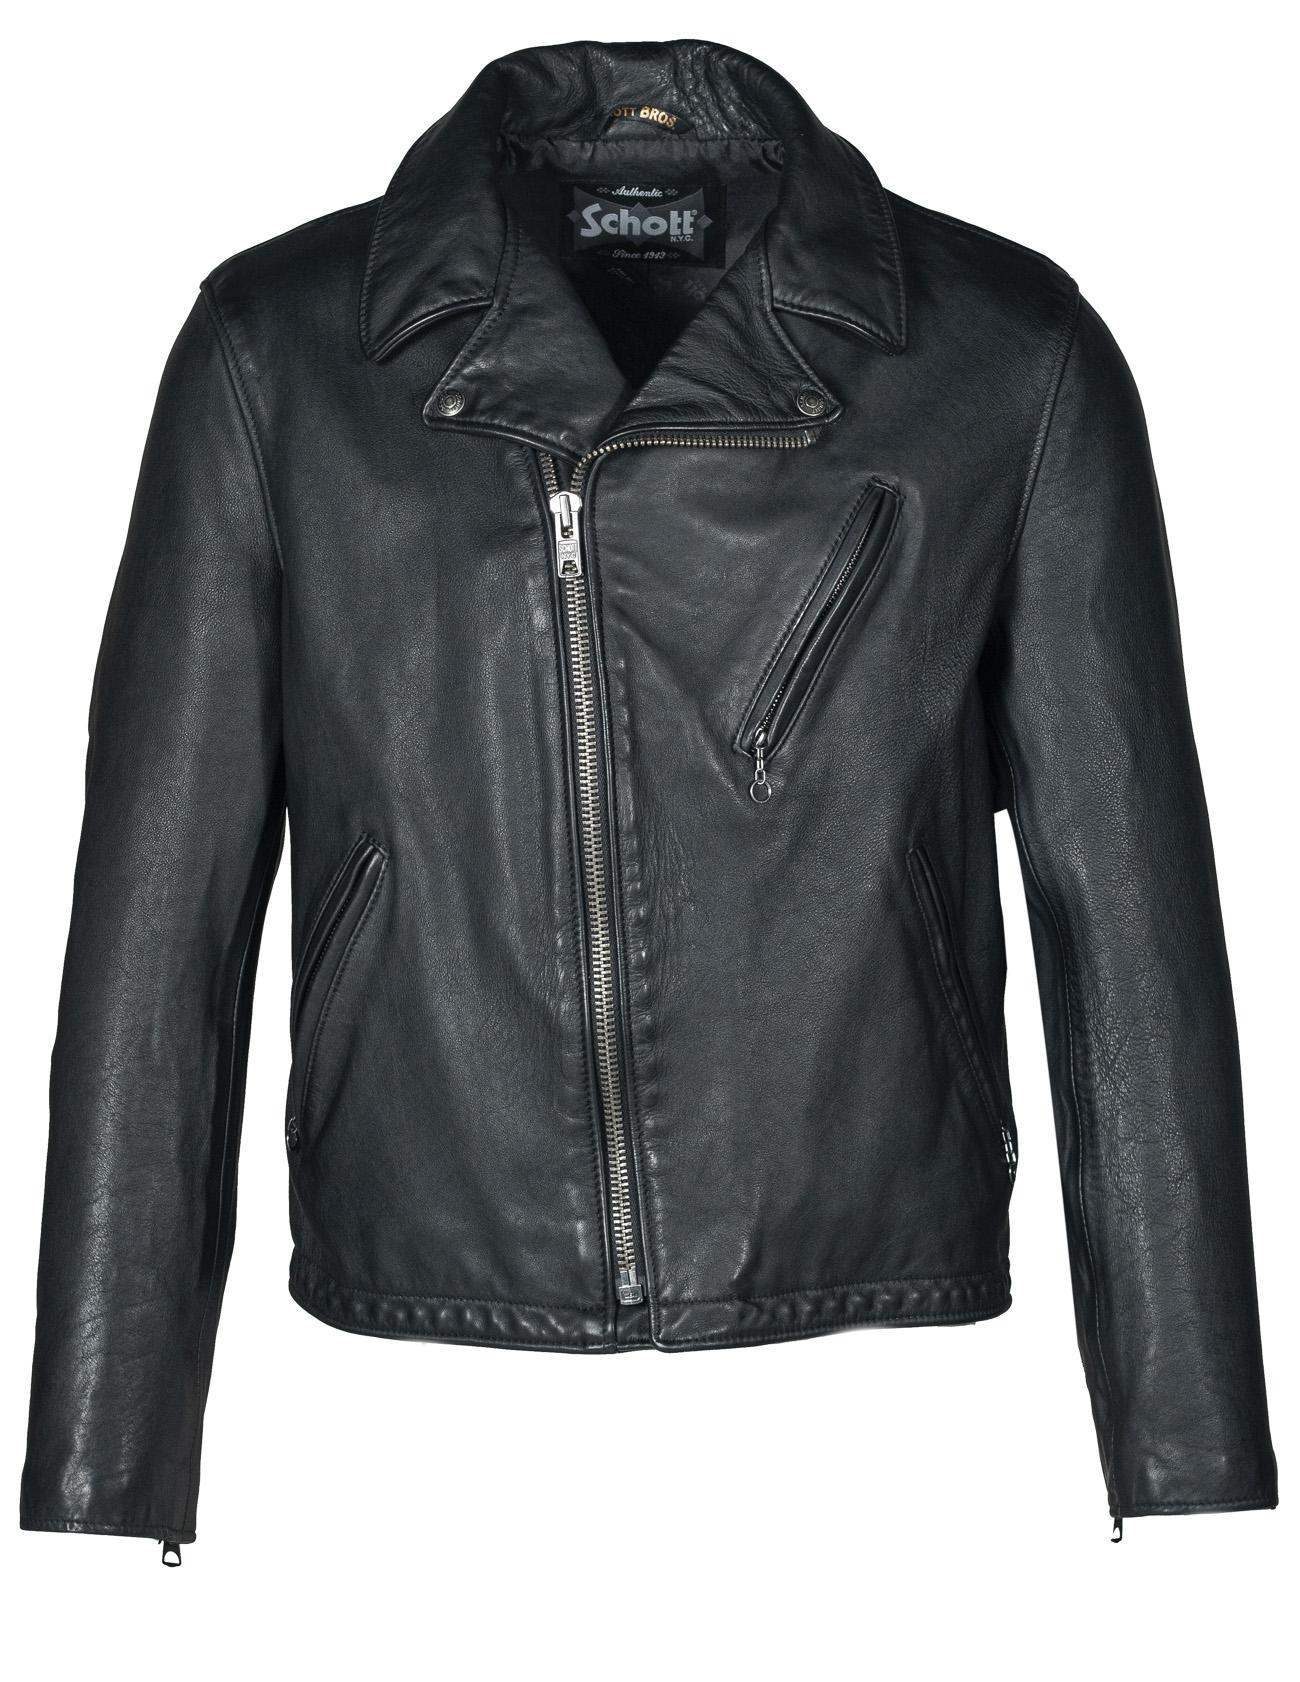 Schott N.Y.C. 503VN Hand Vintaged Cowhide Clean Motorcycle Jacket